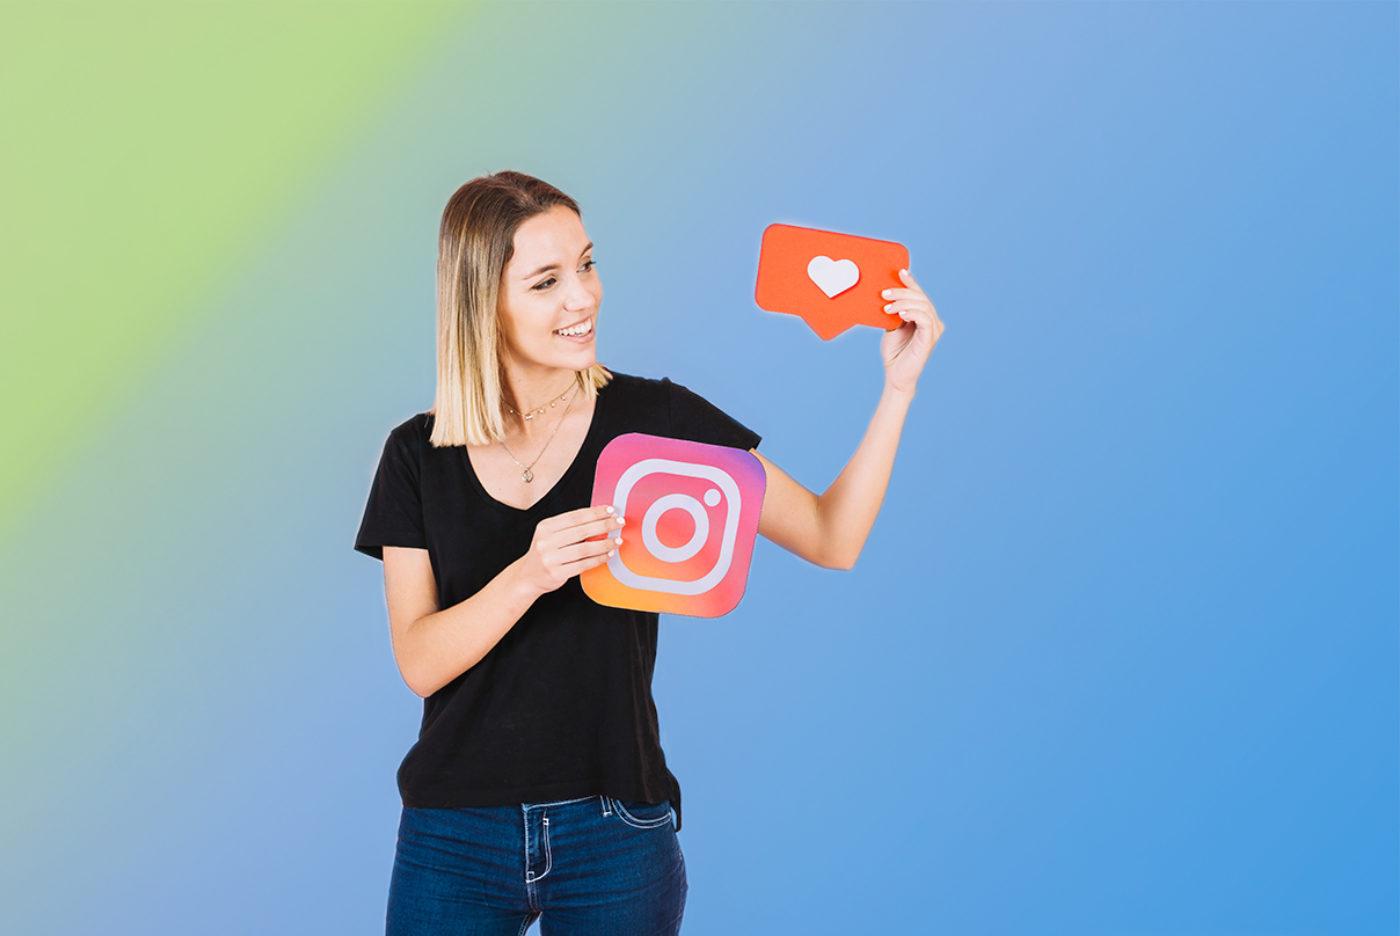 Мероприятия: Мастер-класс «Тайны Instagram и Facebook»